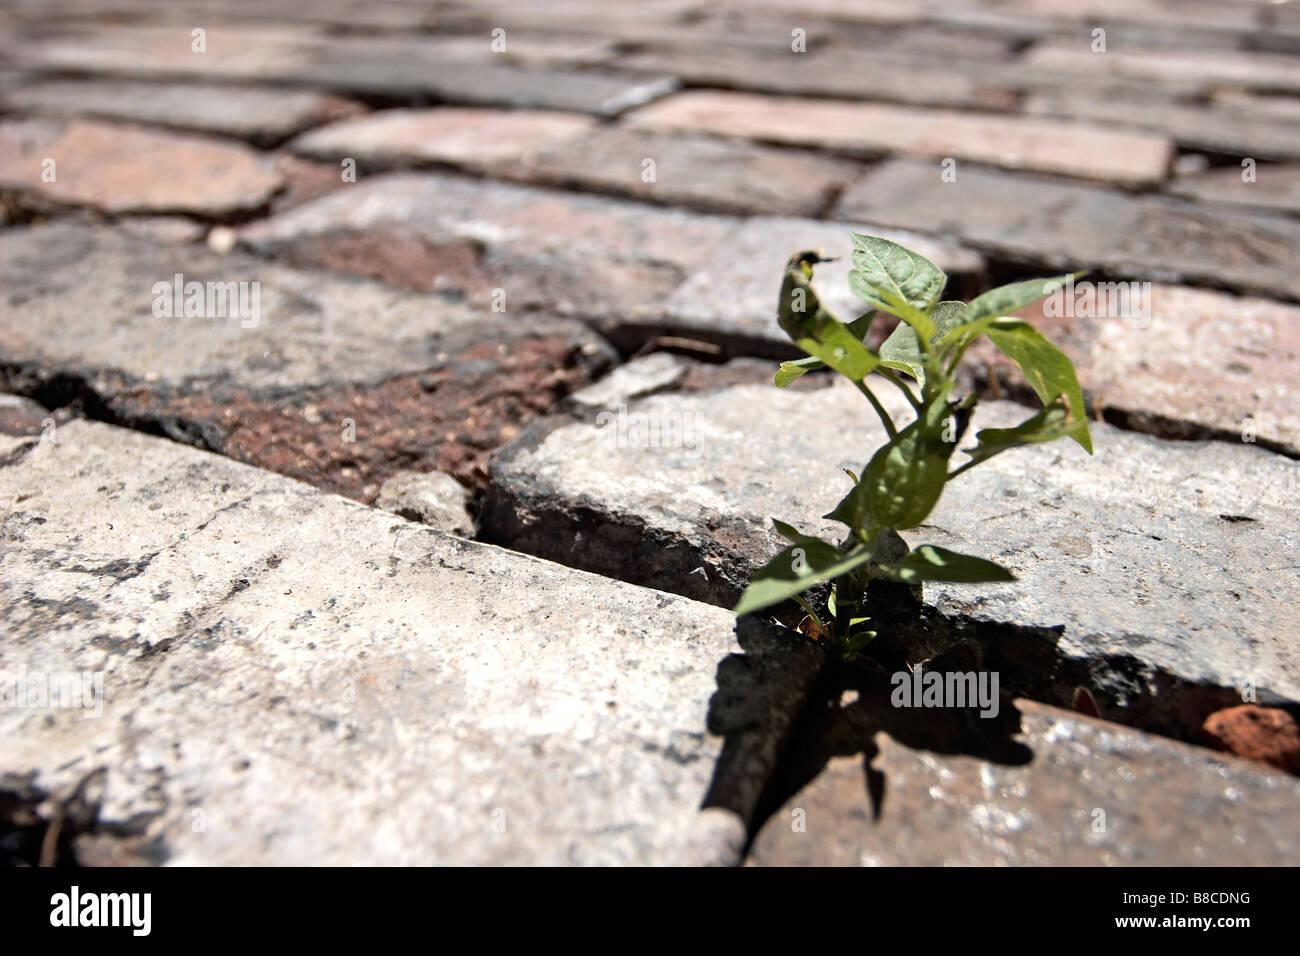 Plant Growing between Stones Road - Stock Image